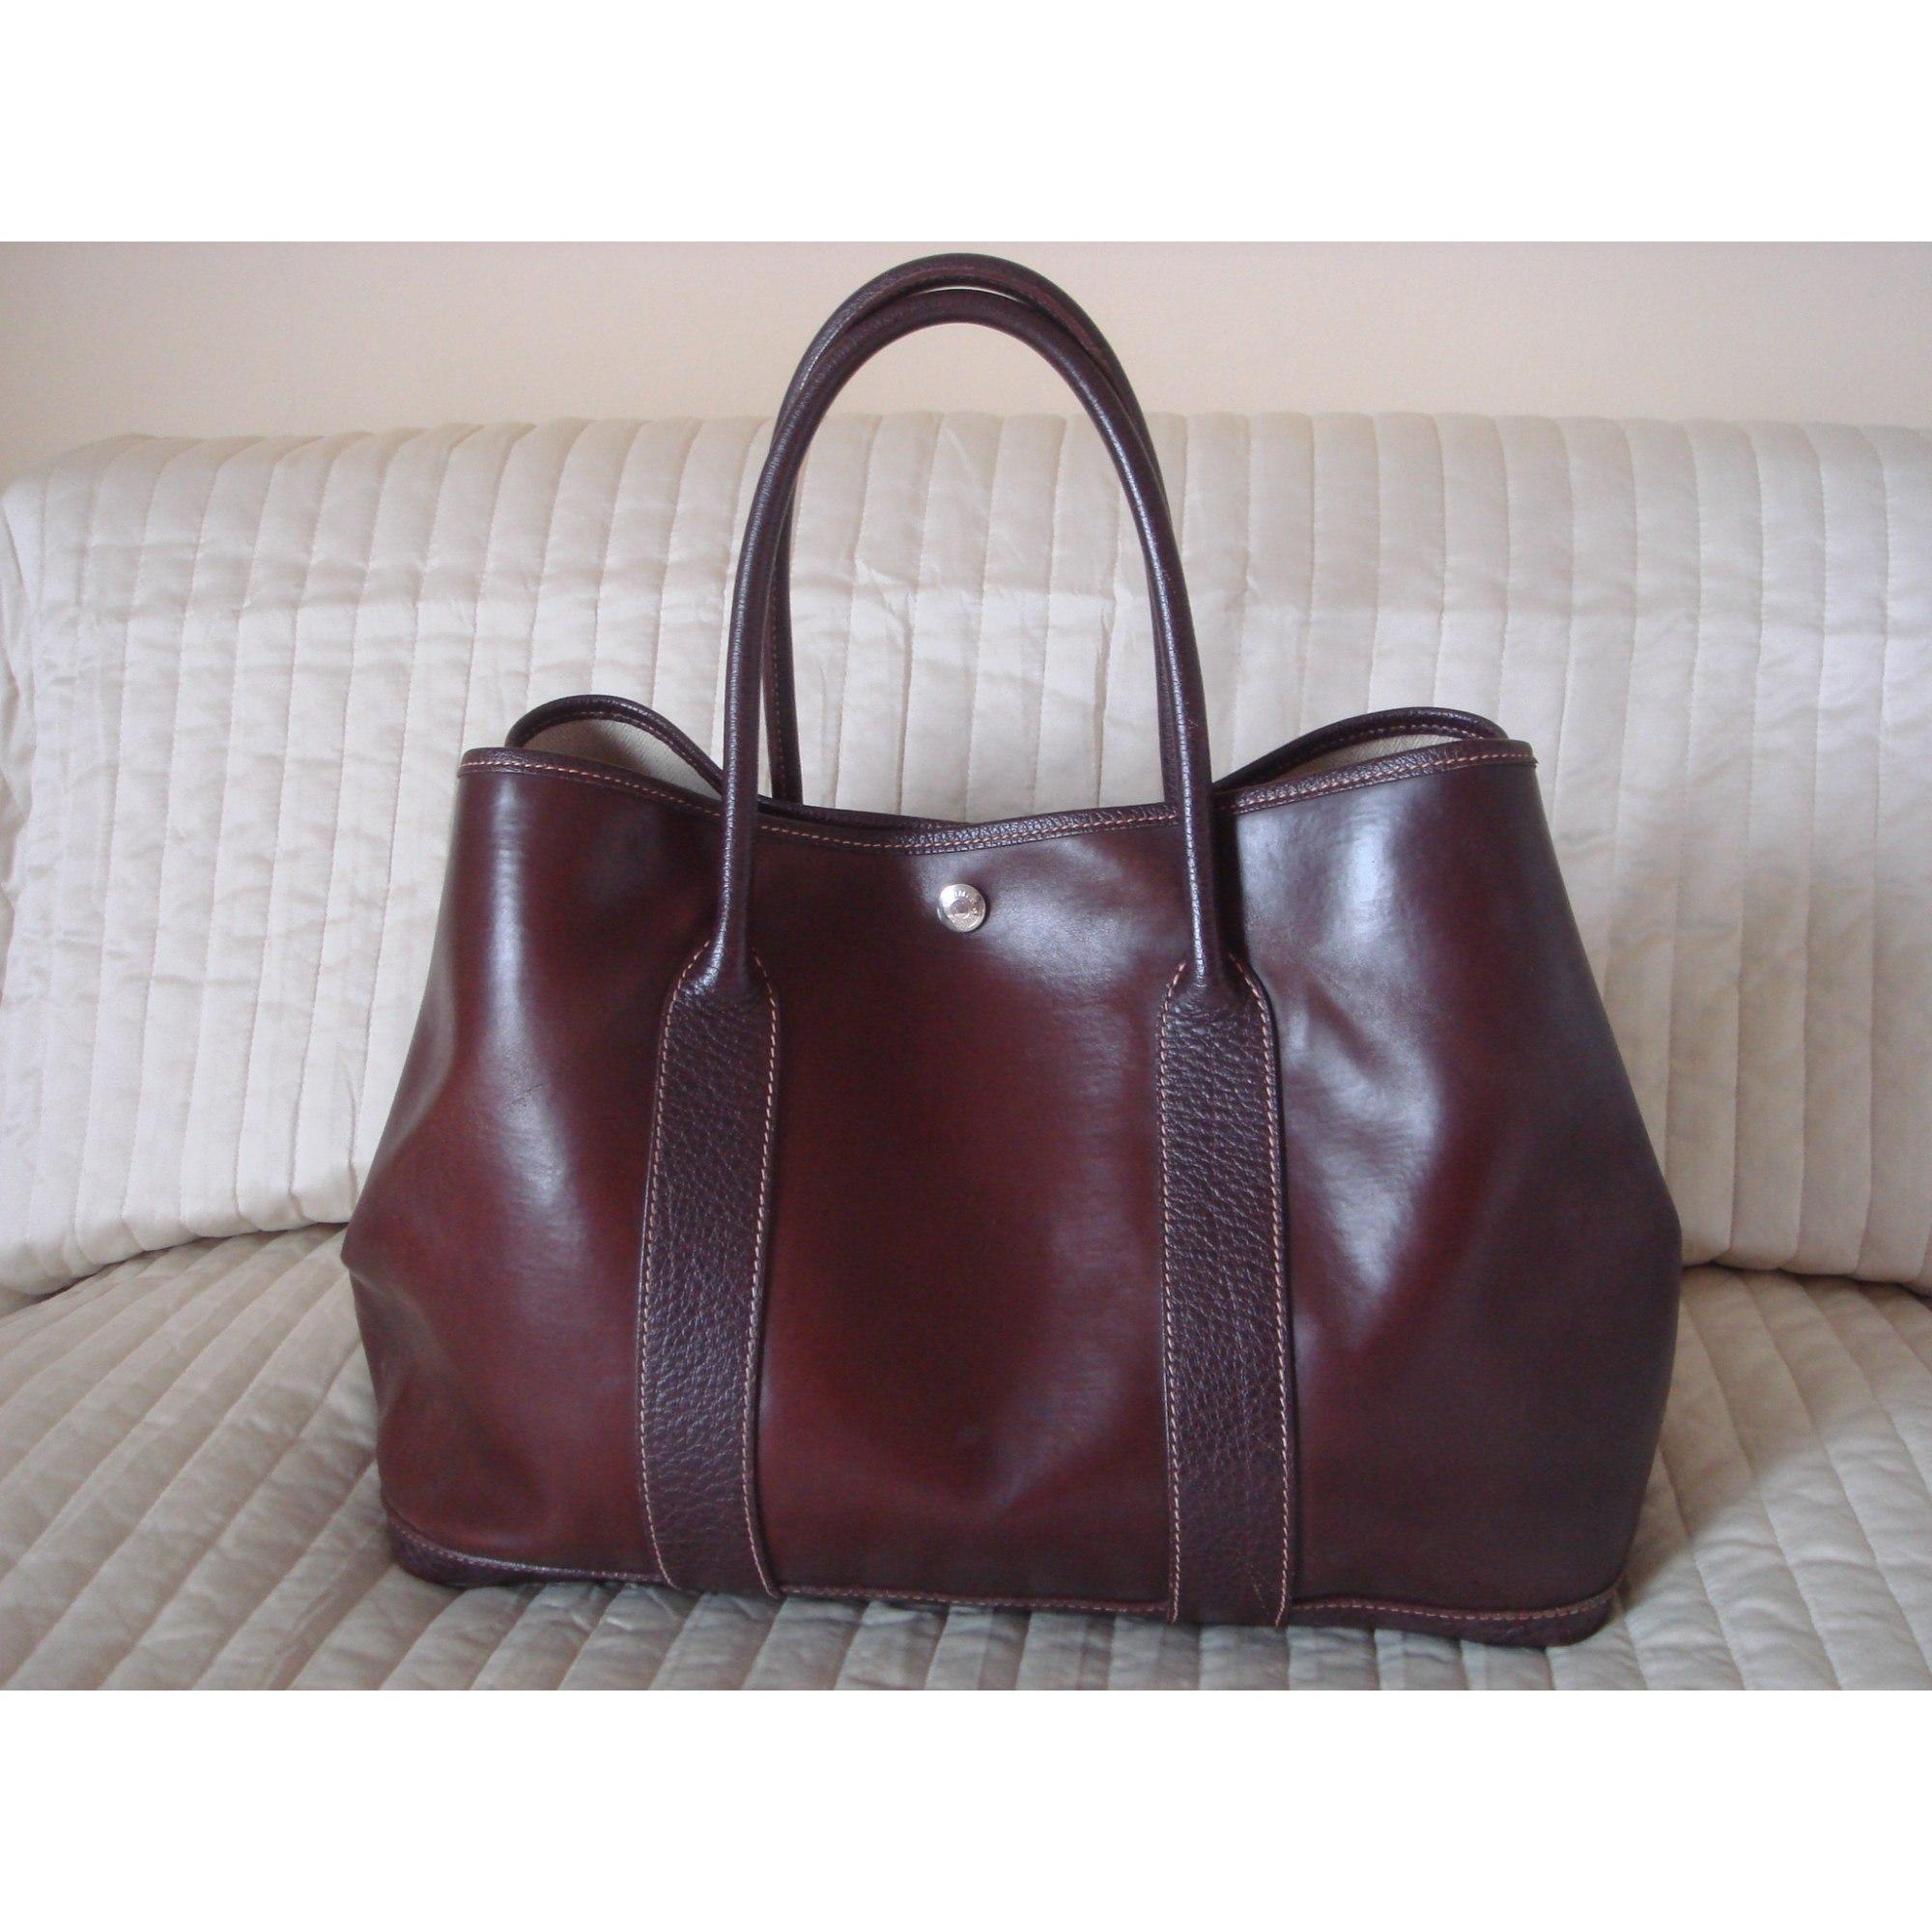 sac à main en cuir hermÈs marron - 1305148